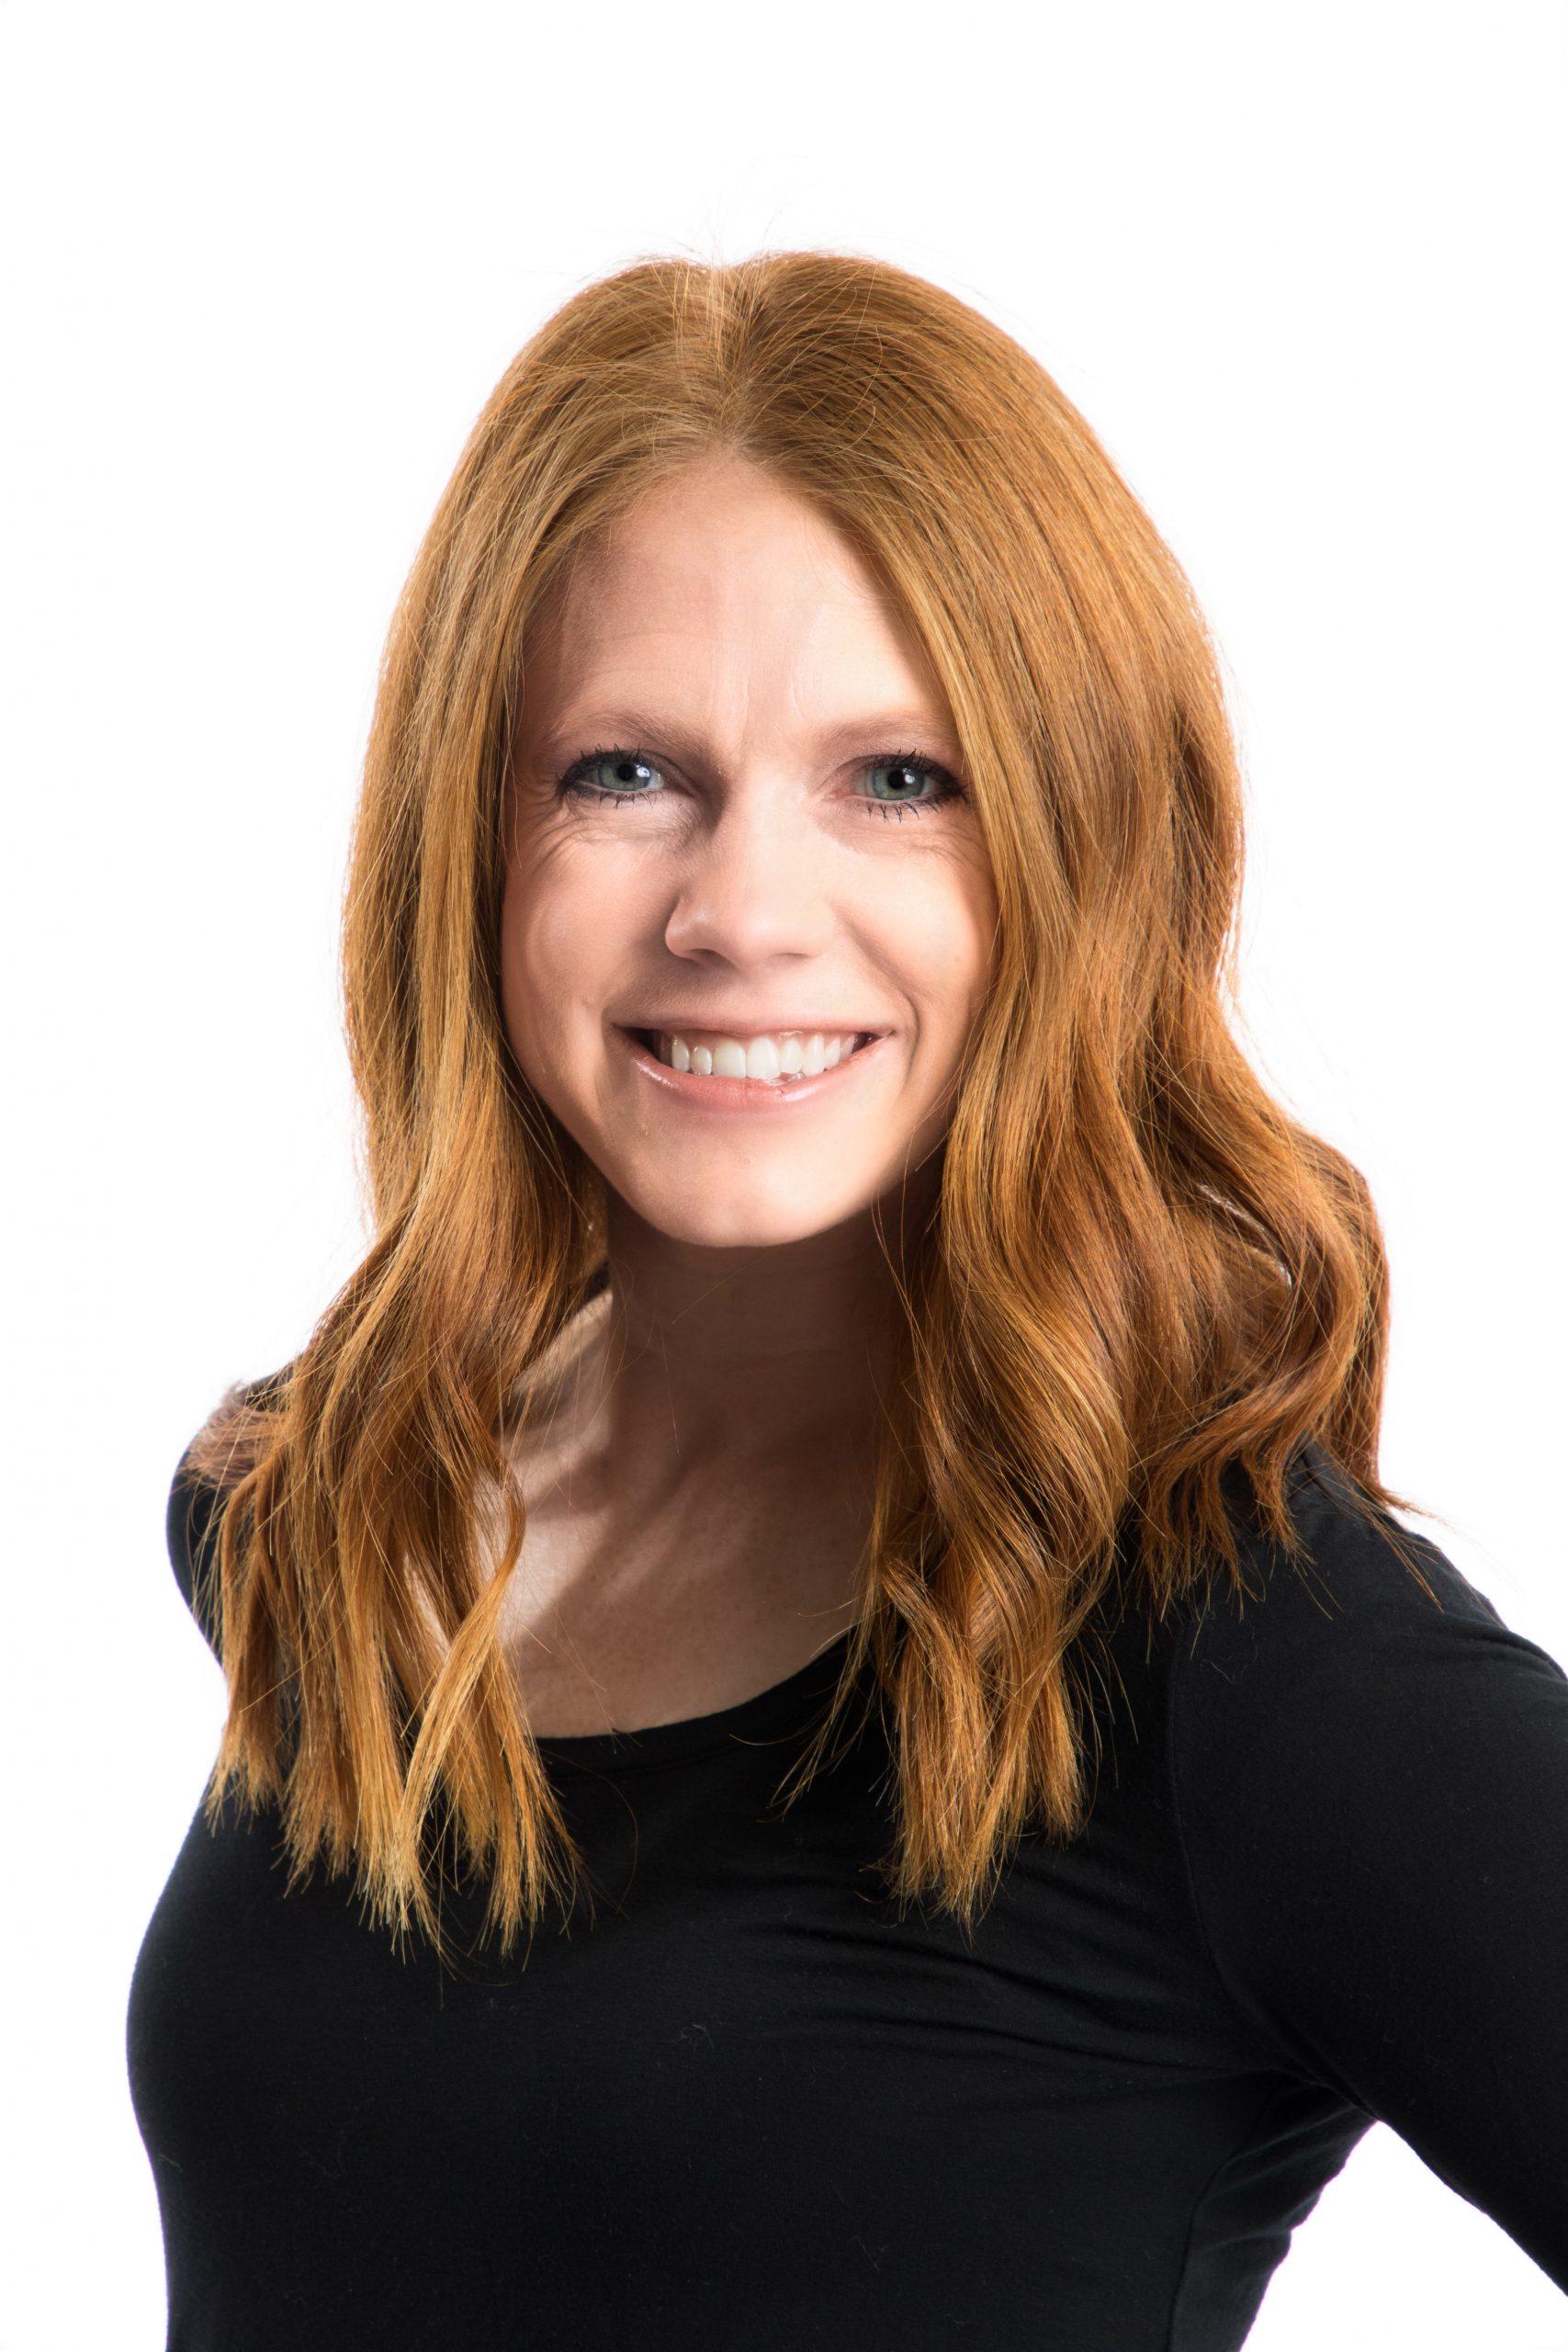 Kayla Merrell